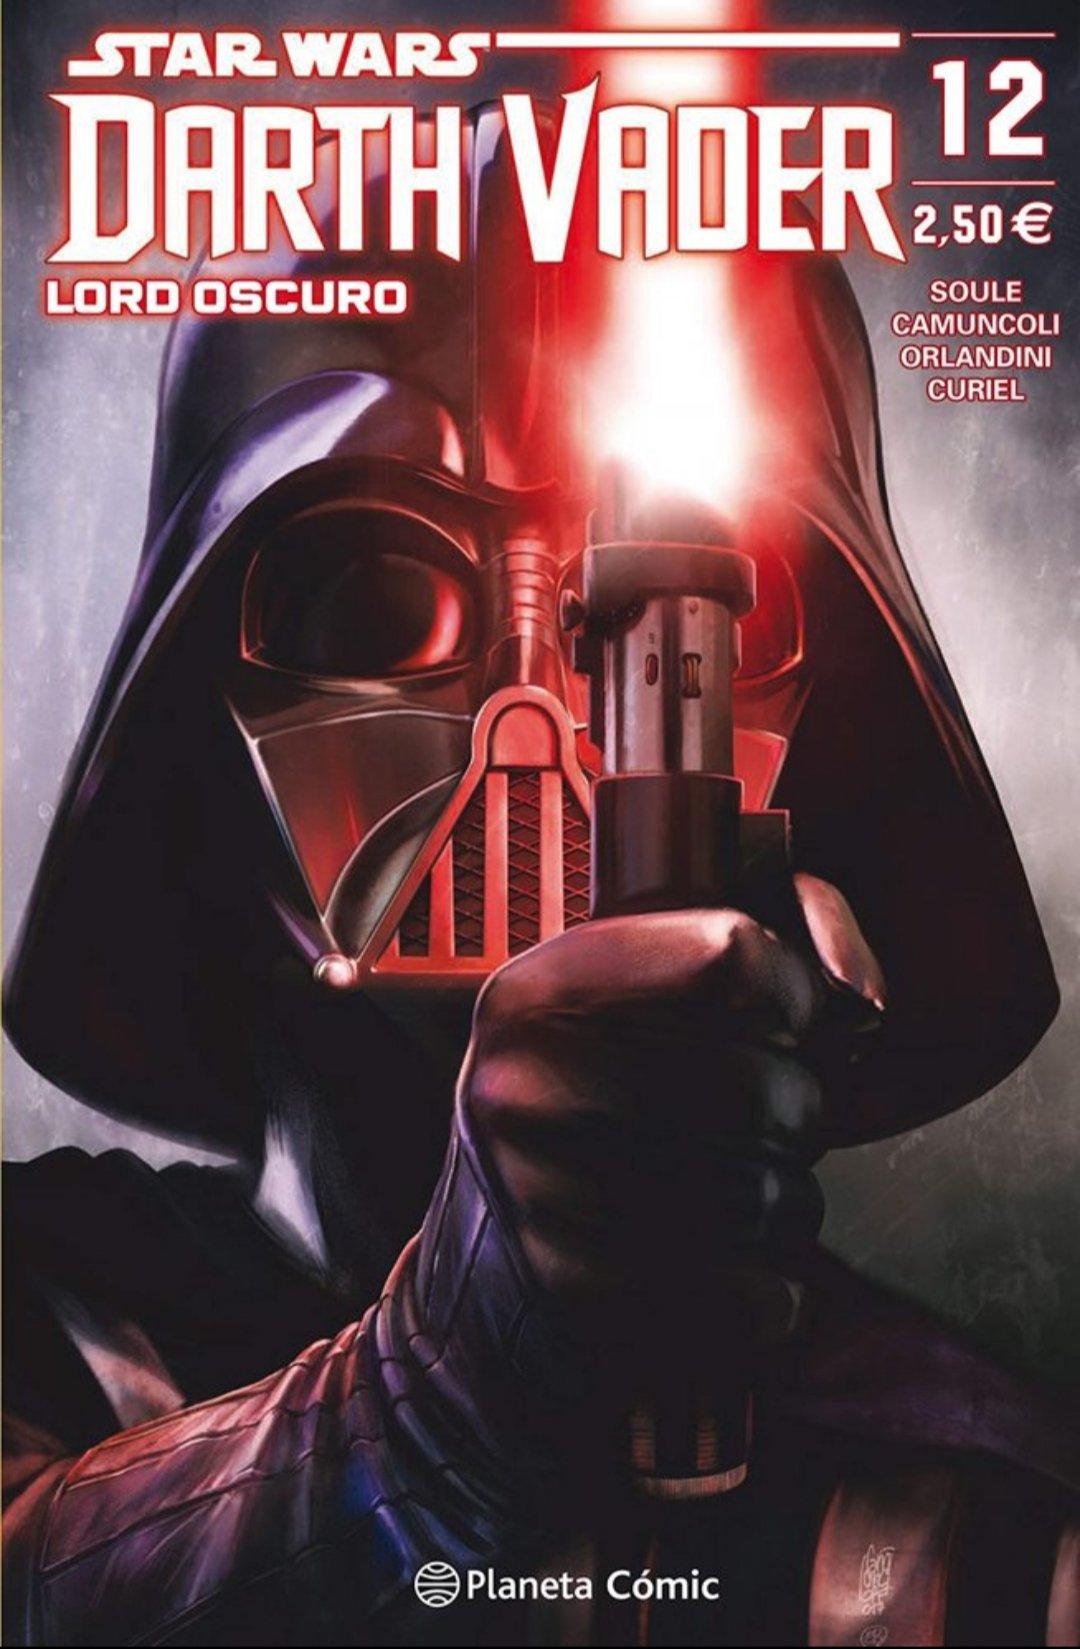 Darth Vader: Lord Oscuro